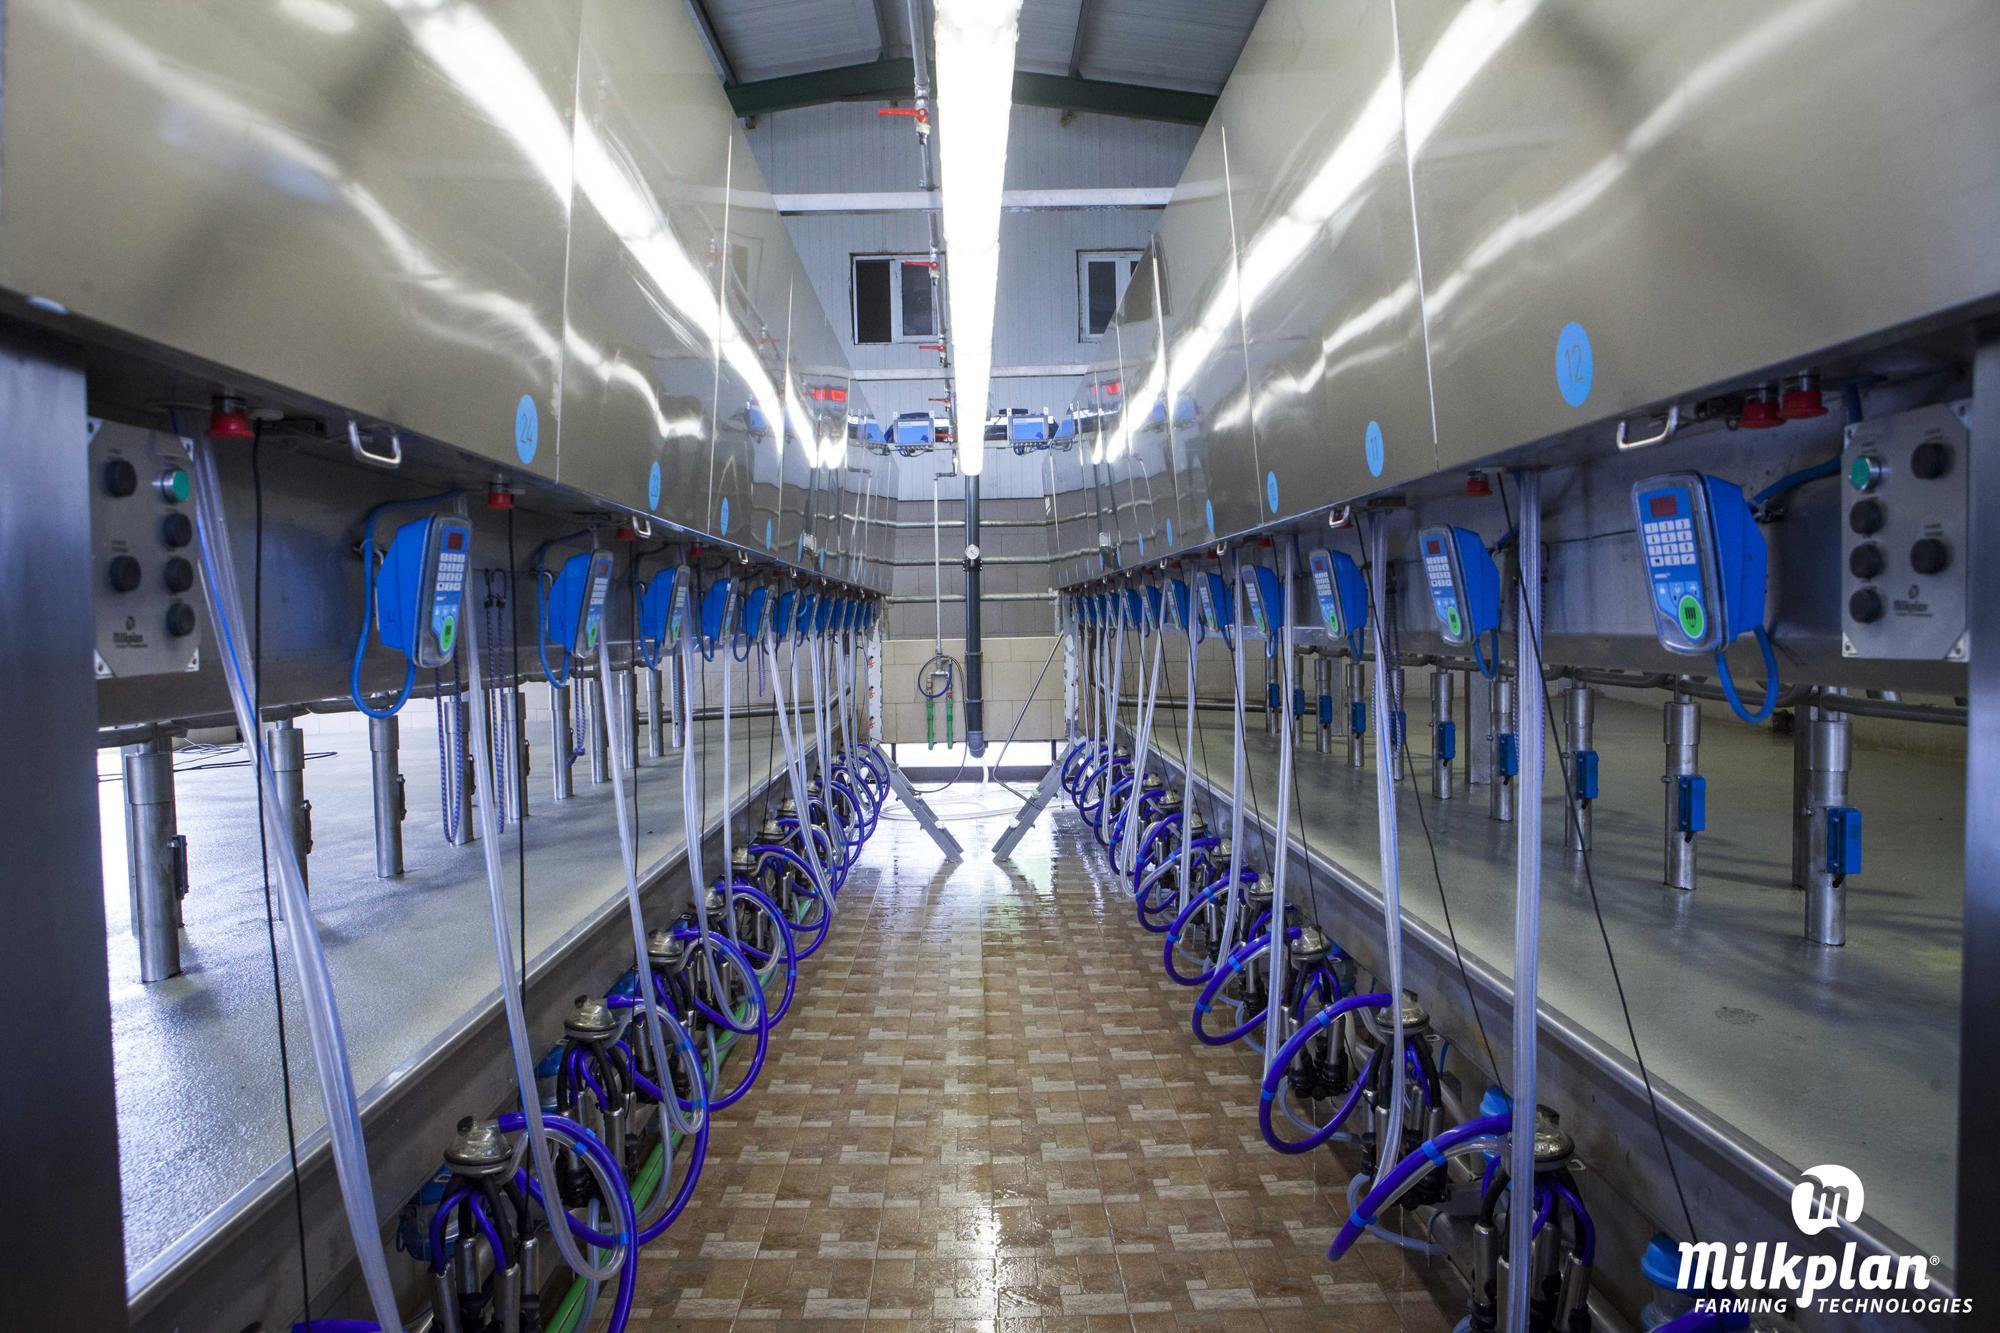 Milkplan: Η βορειοελλαδίτικη επιχείρηση που φέρνει την ρομποτική στην κτηνοτροφία